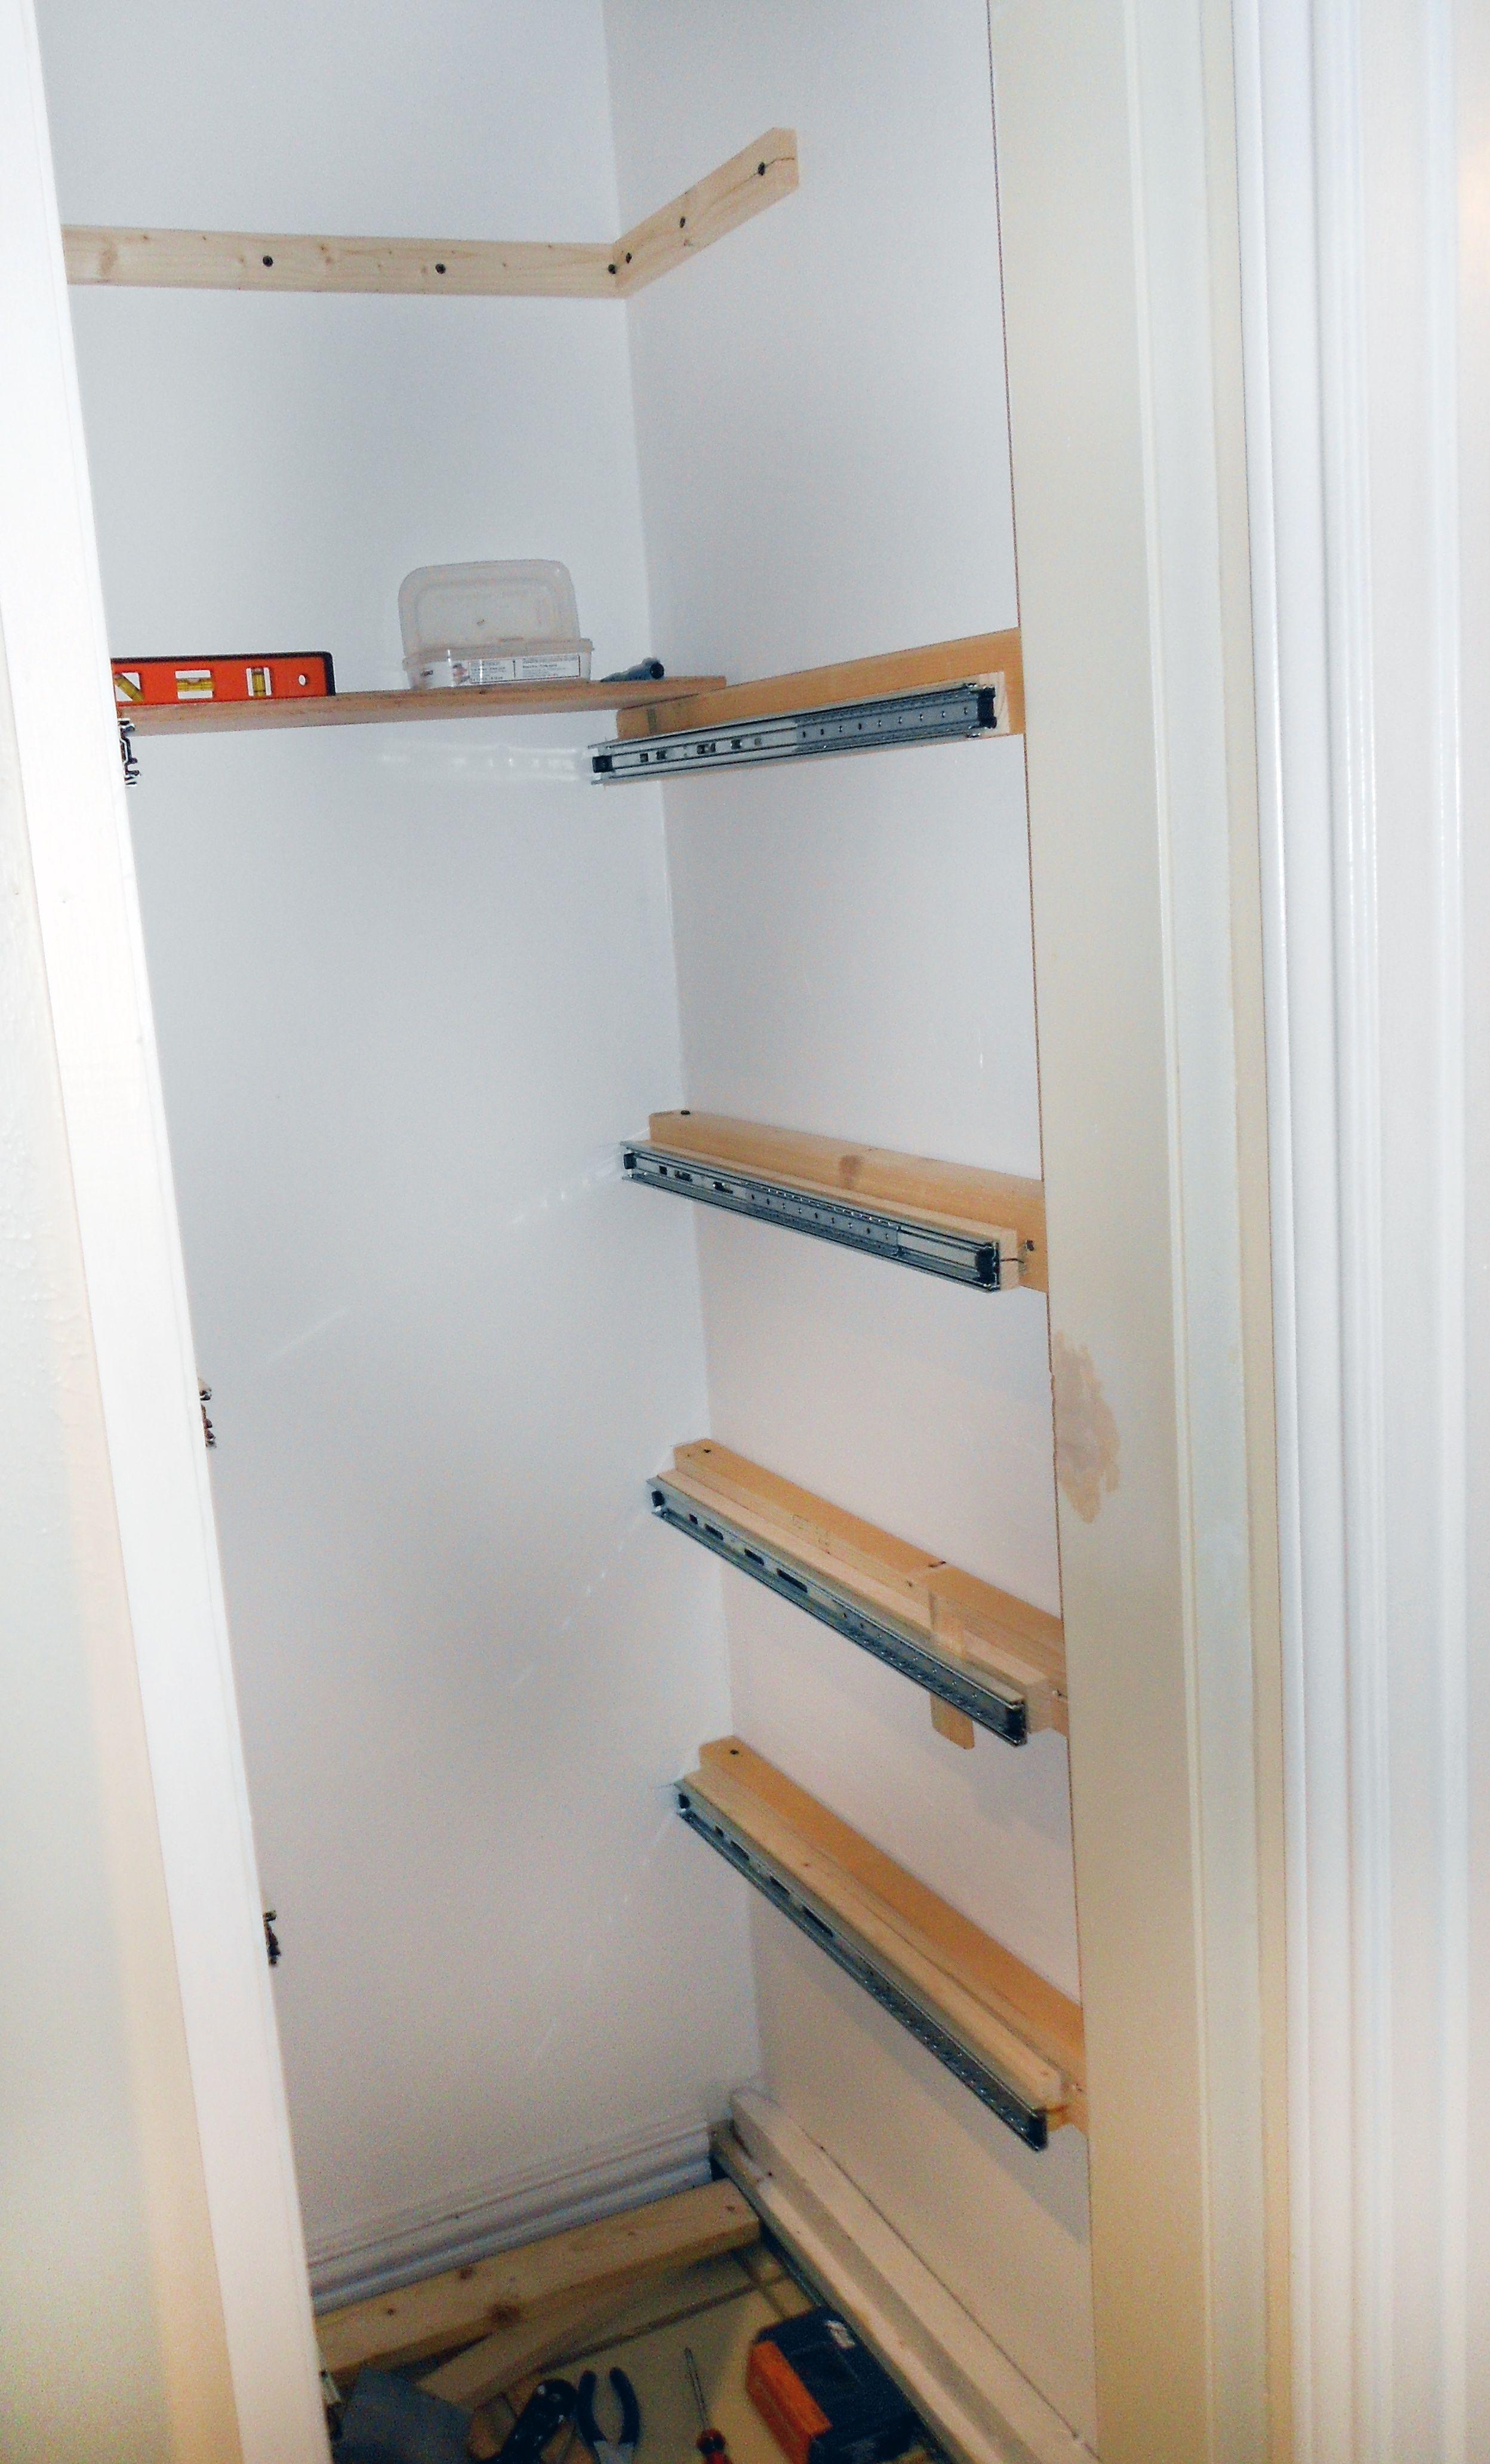 Extended Shelf Life Shelves, Pull out pantry shelves